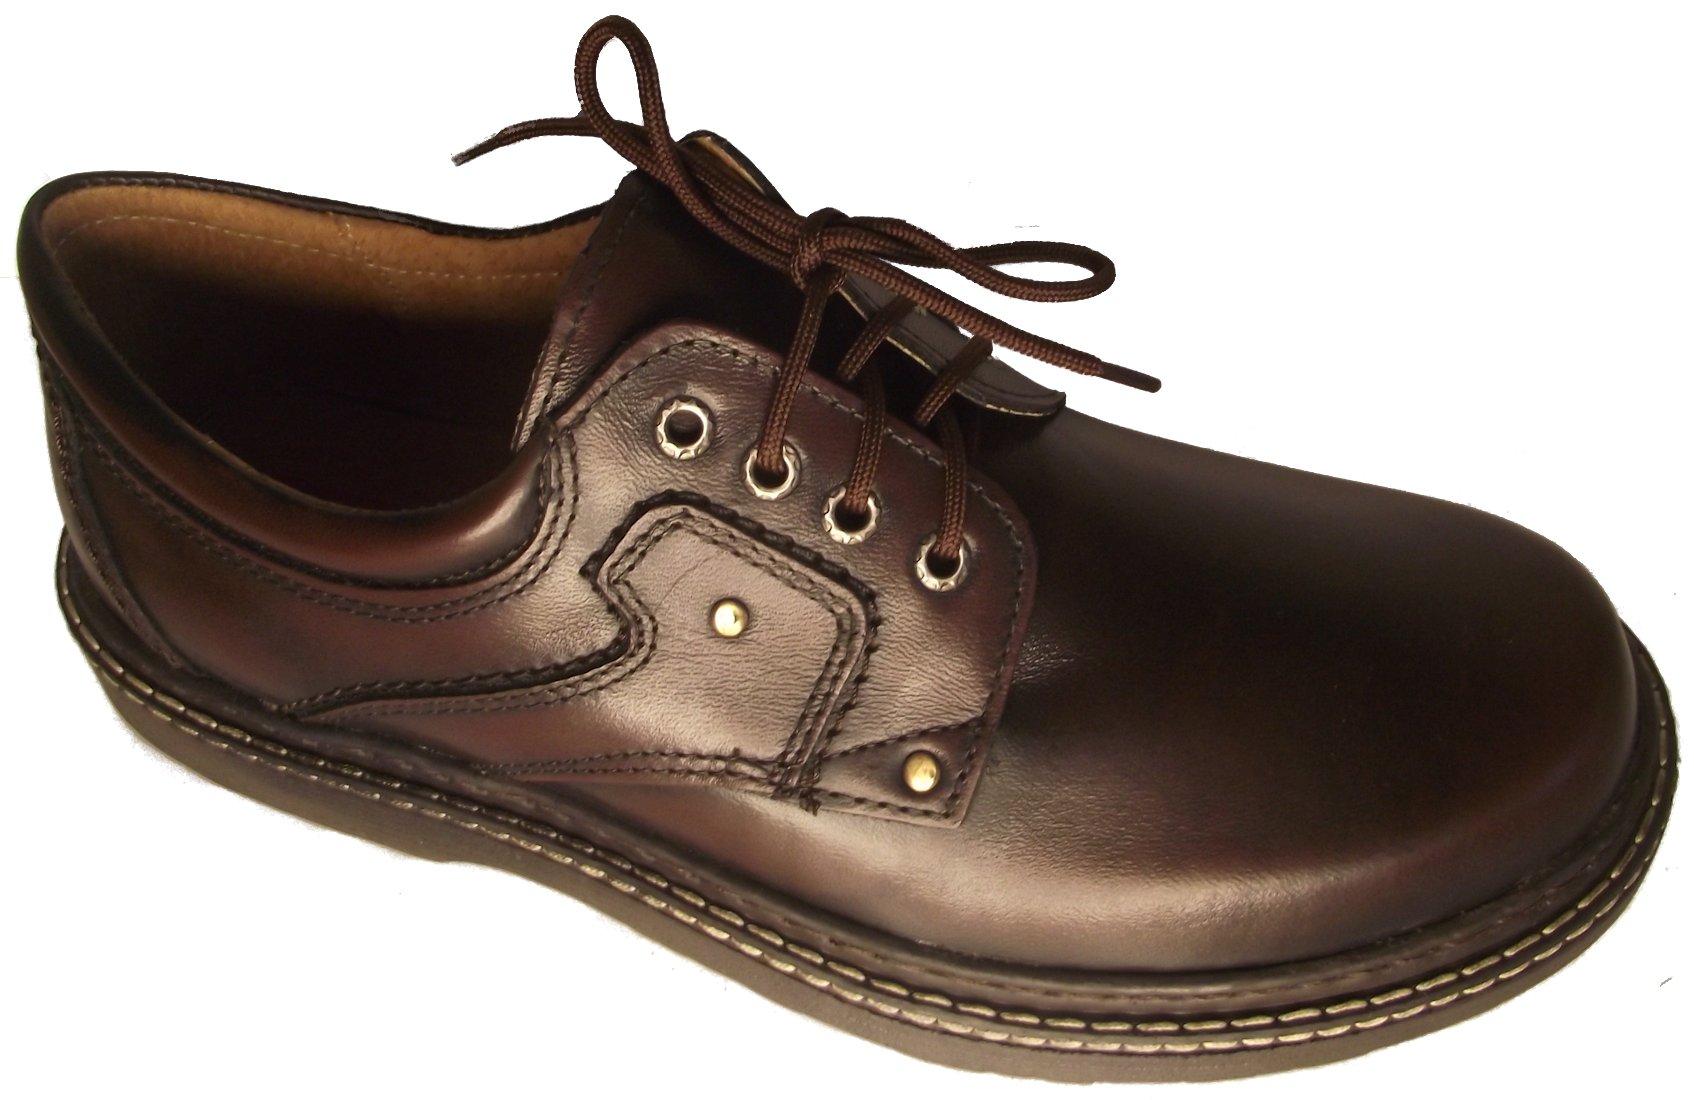 Pánská vycházková obuv NES 4030 Velikost: 41 (EU)